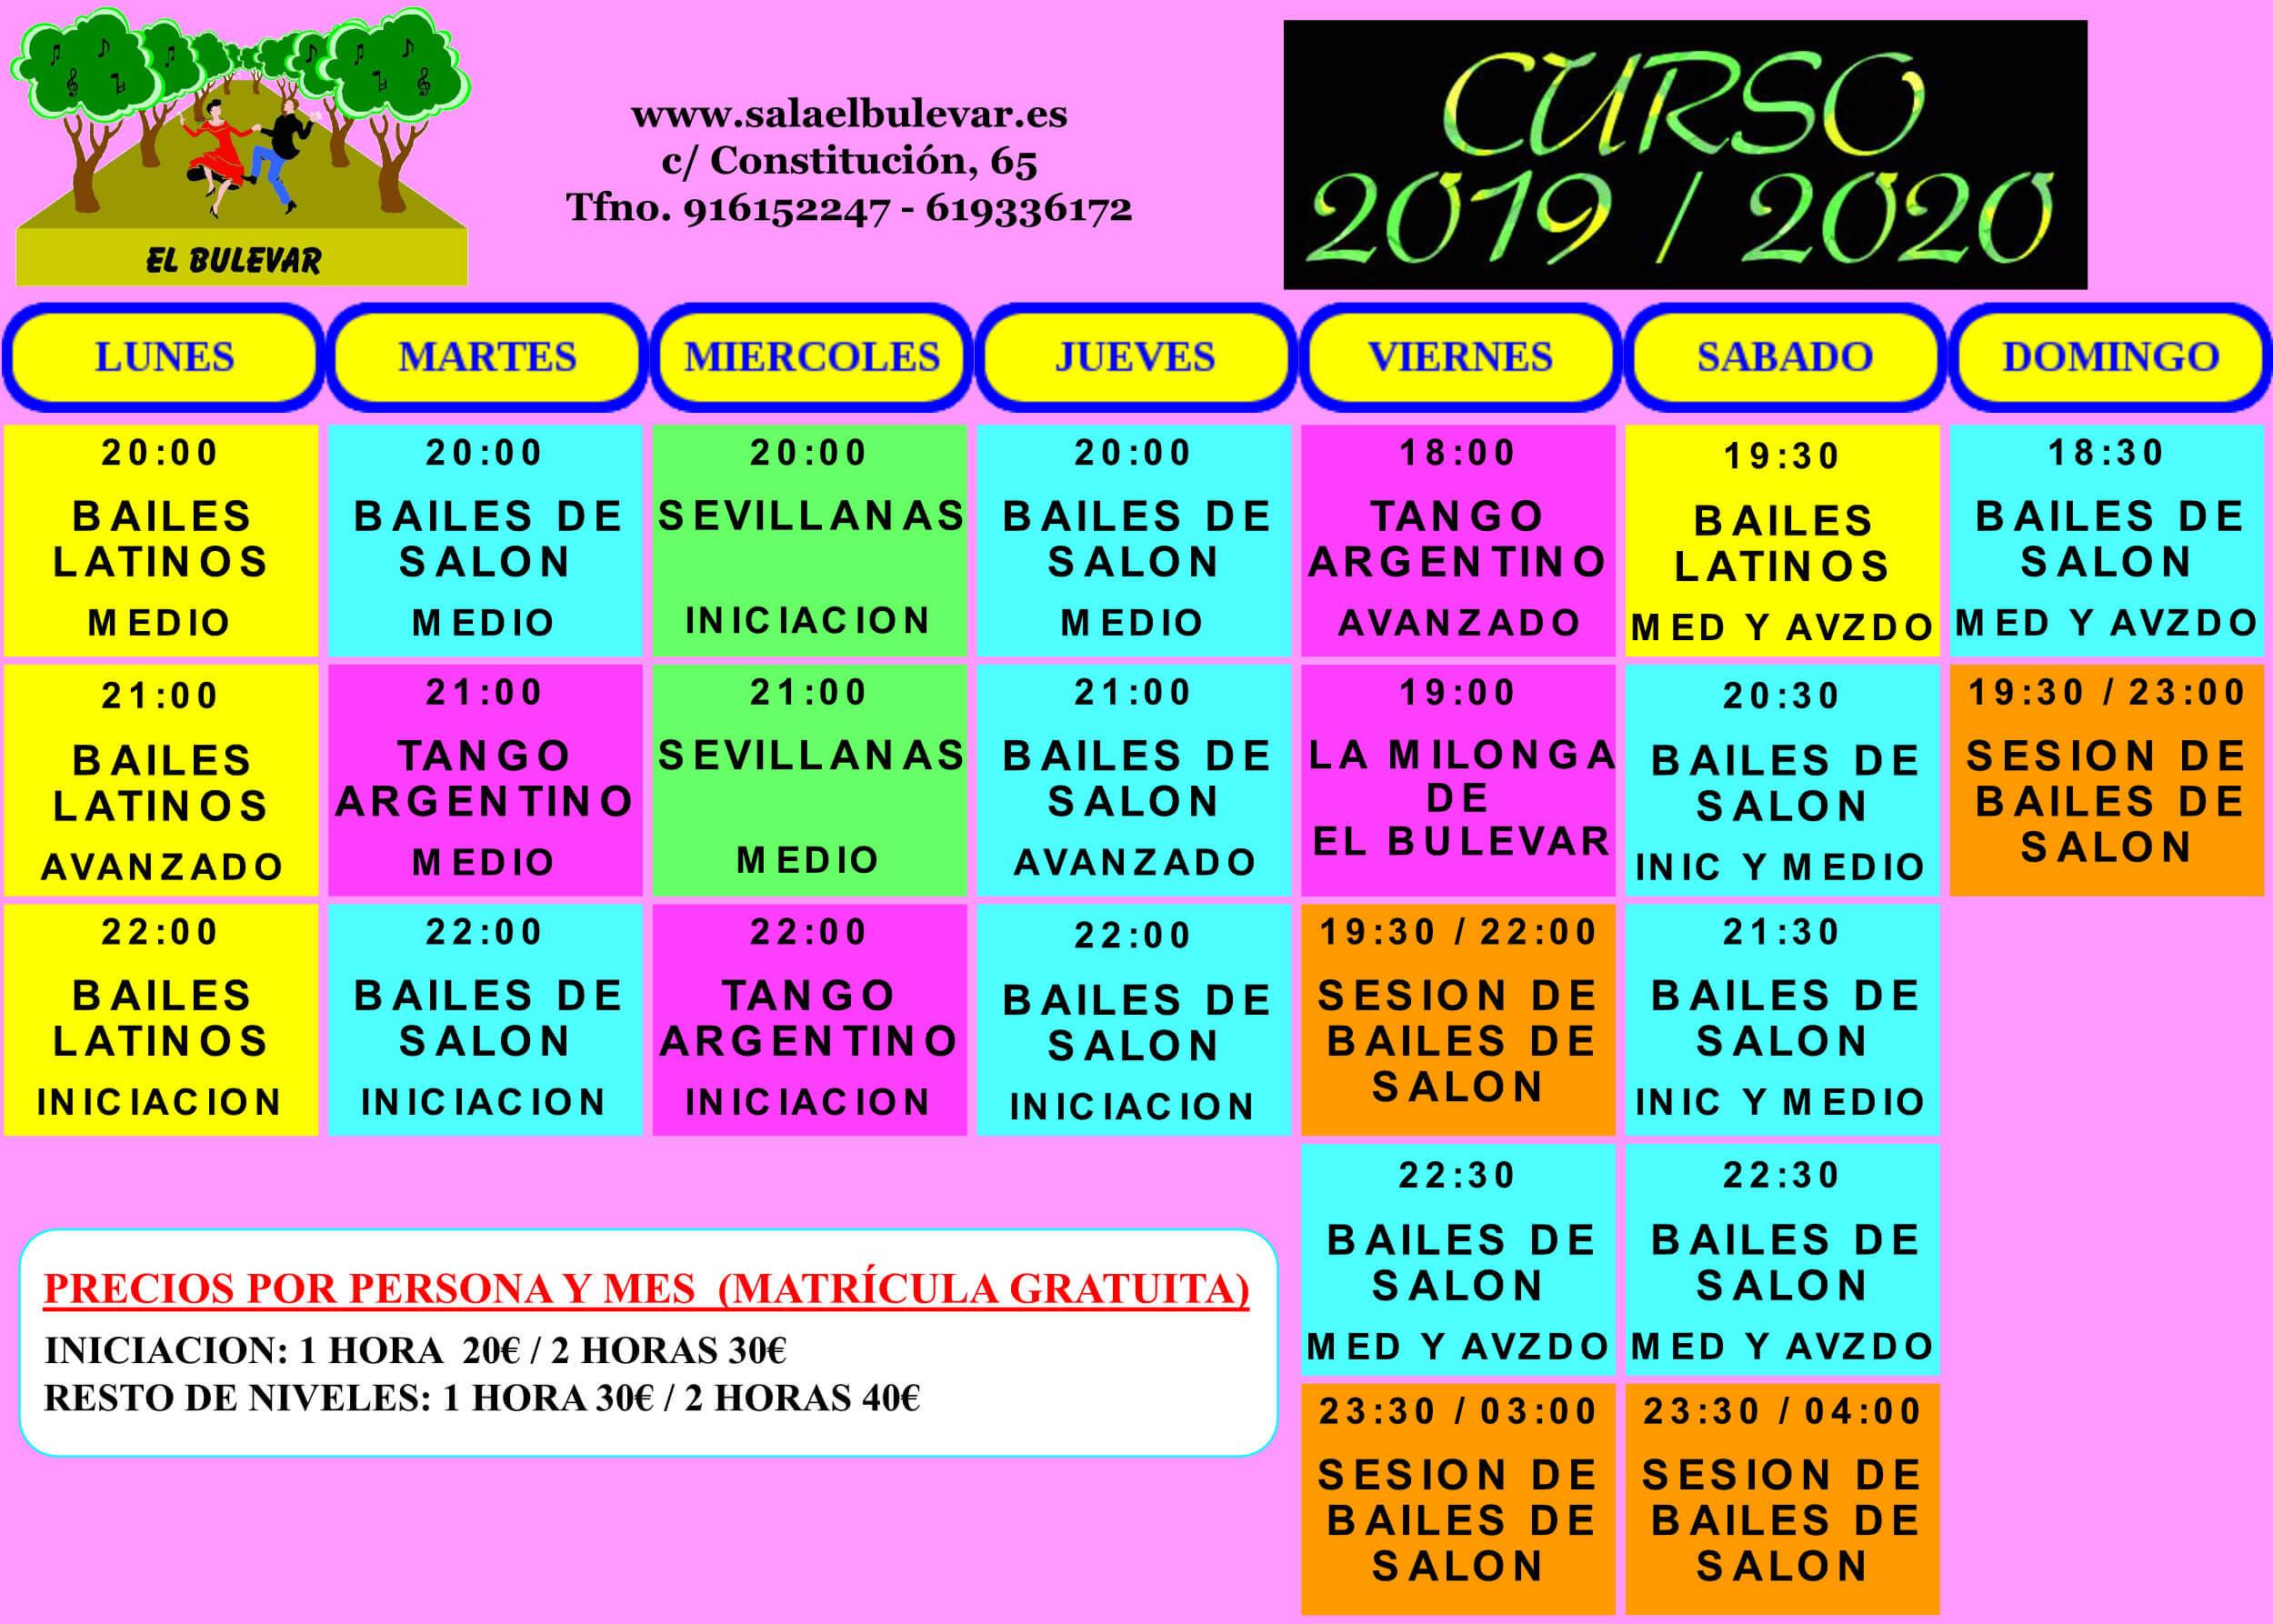 HORARIO CLASES 2019-2020